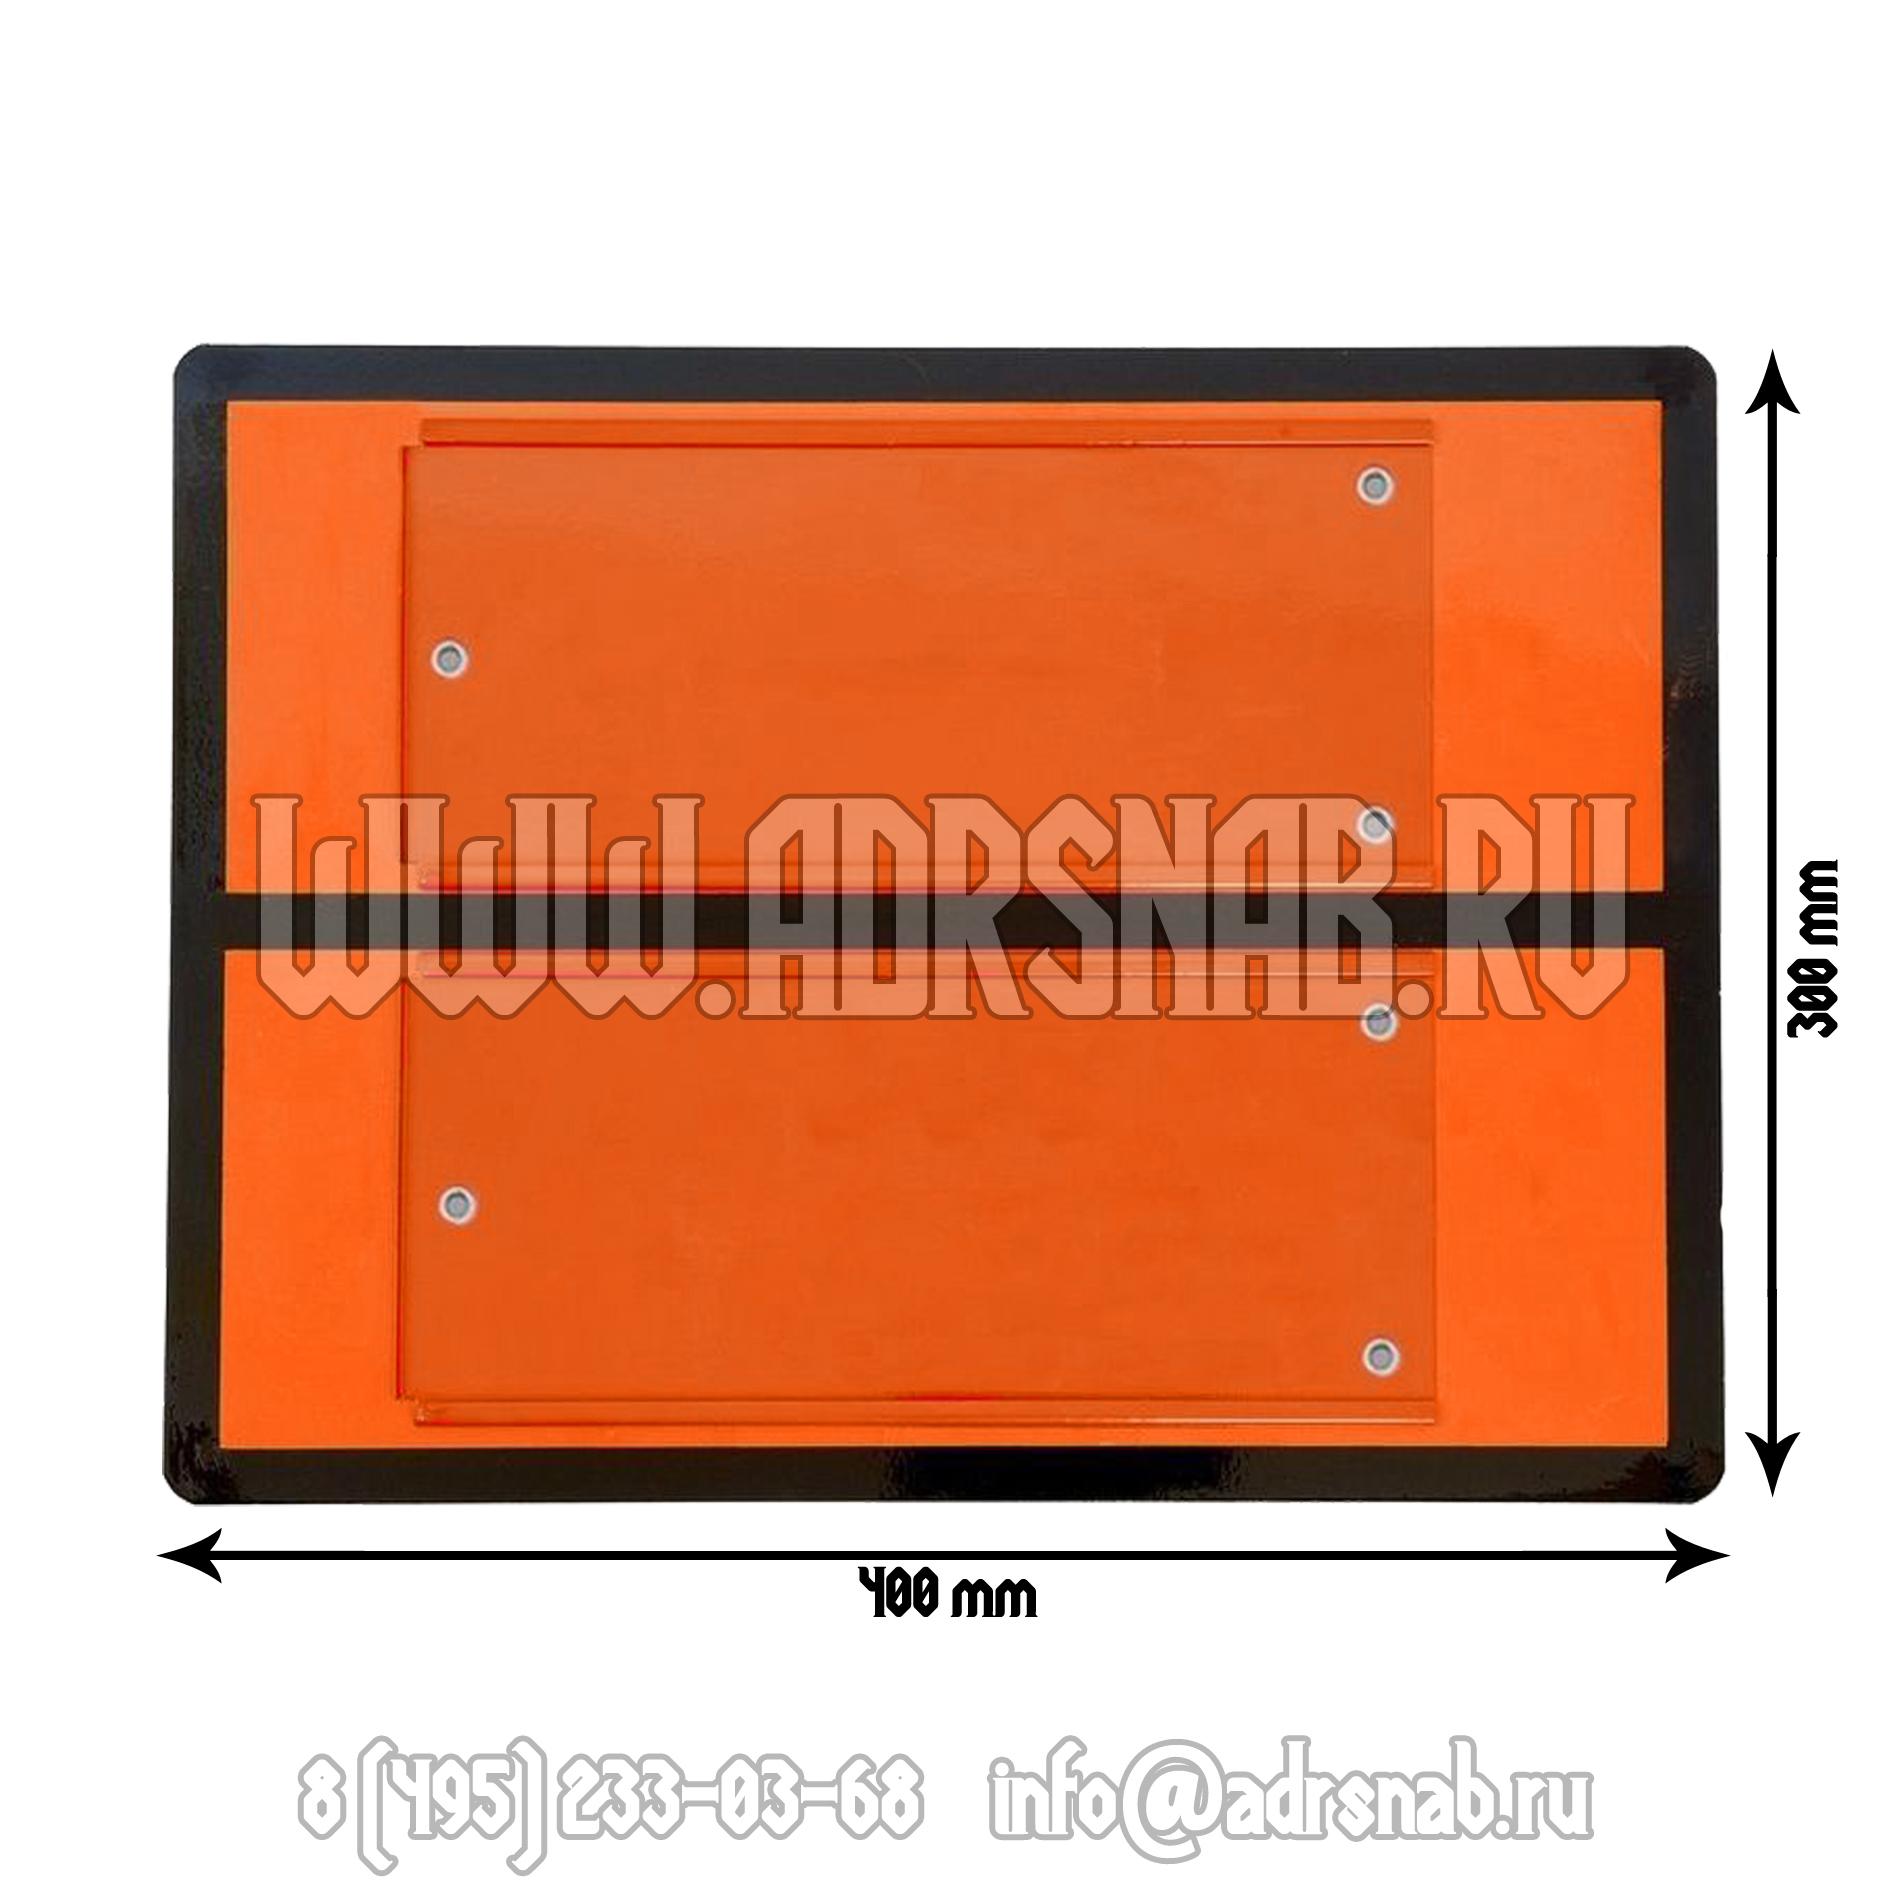 Табличка оранжевая для наборных кодов размеры